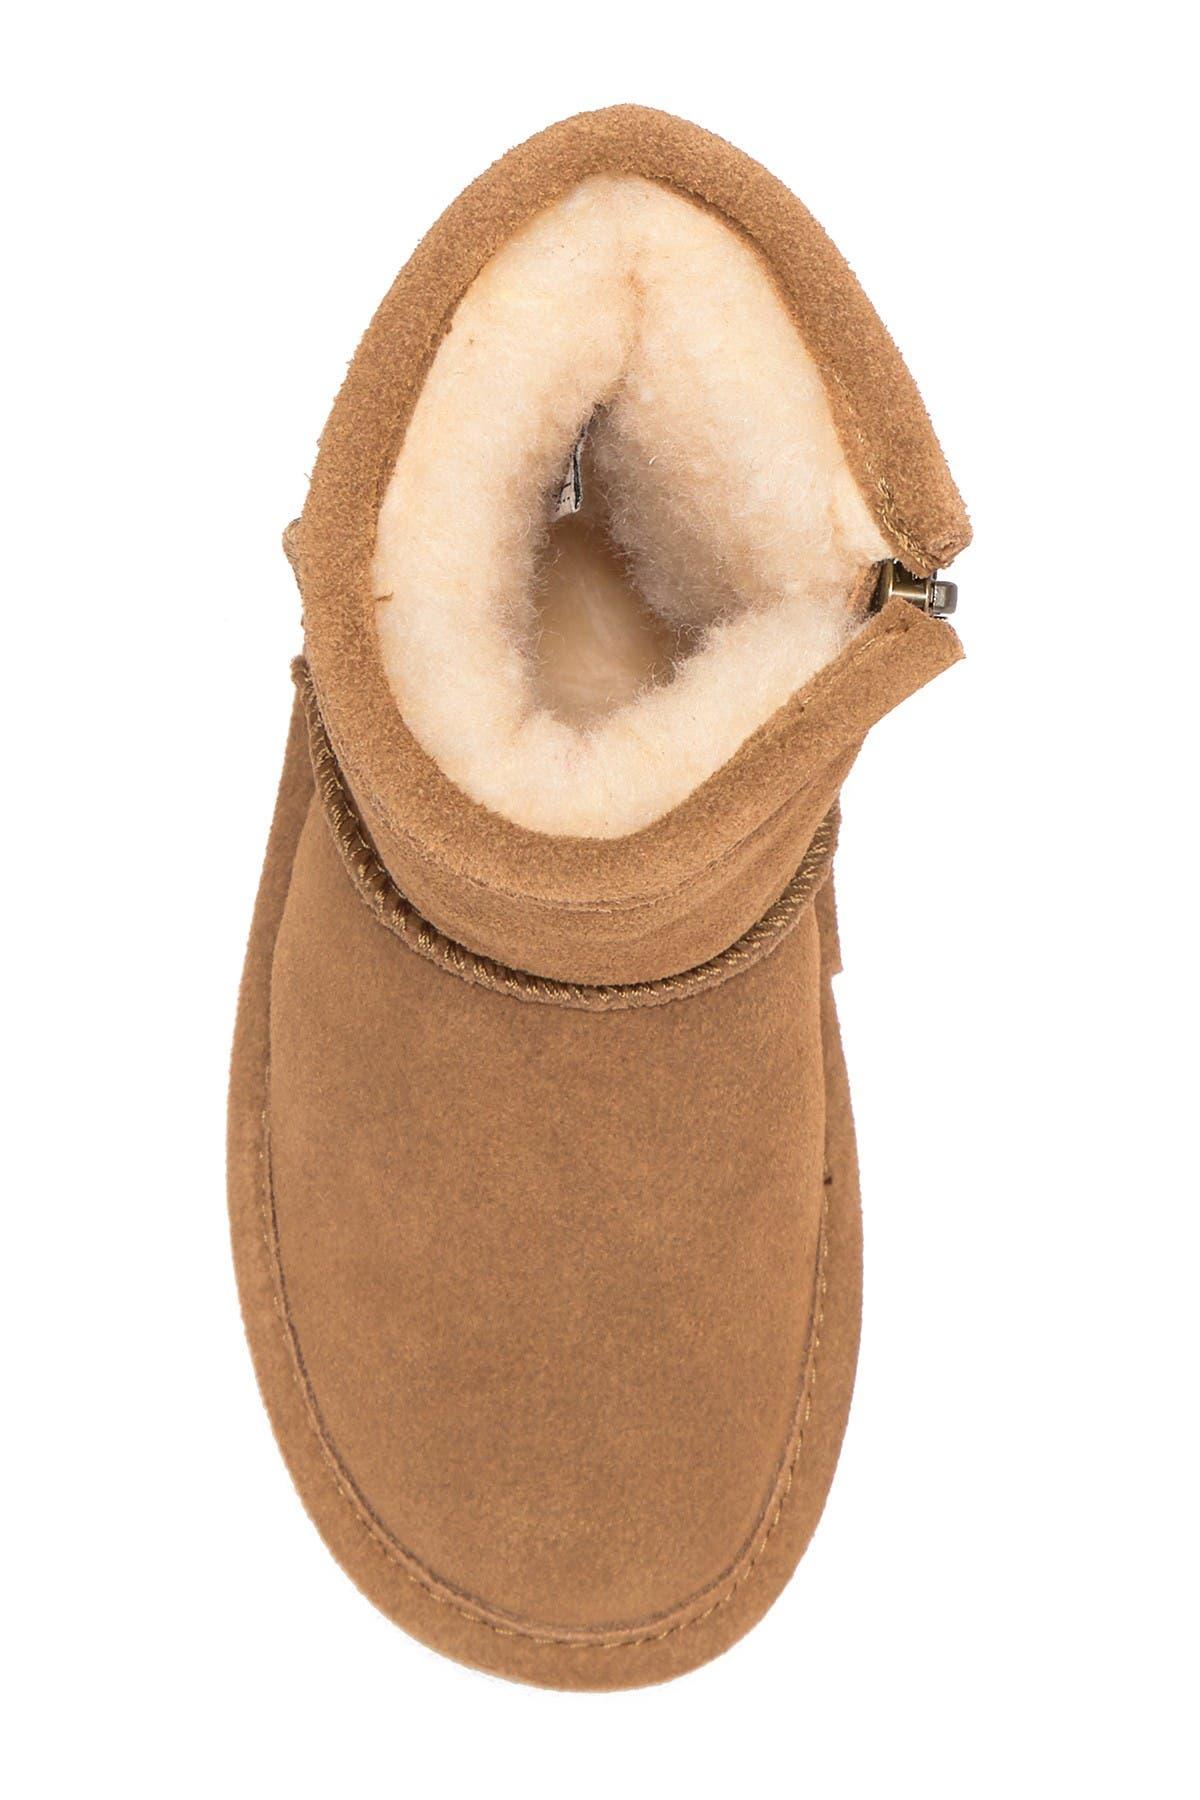 BEARPAW Emma Side-Zip Genuine Shearling Lined Boot